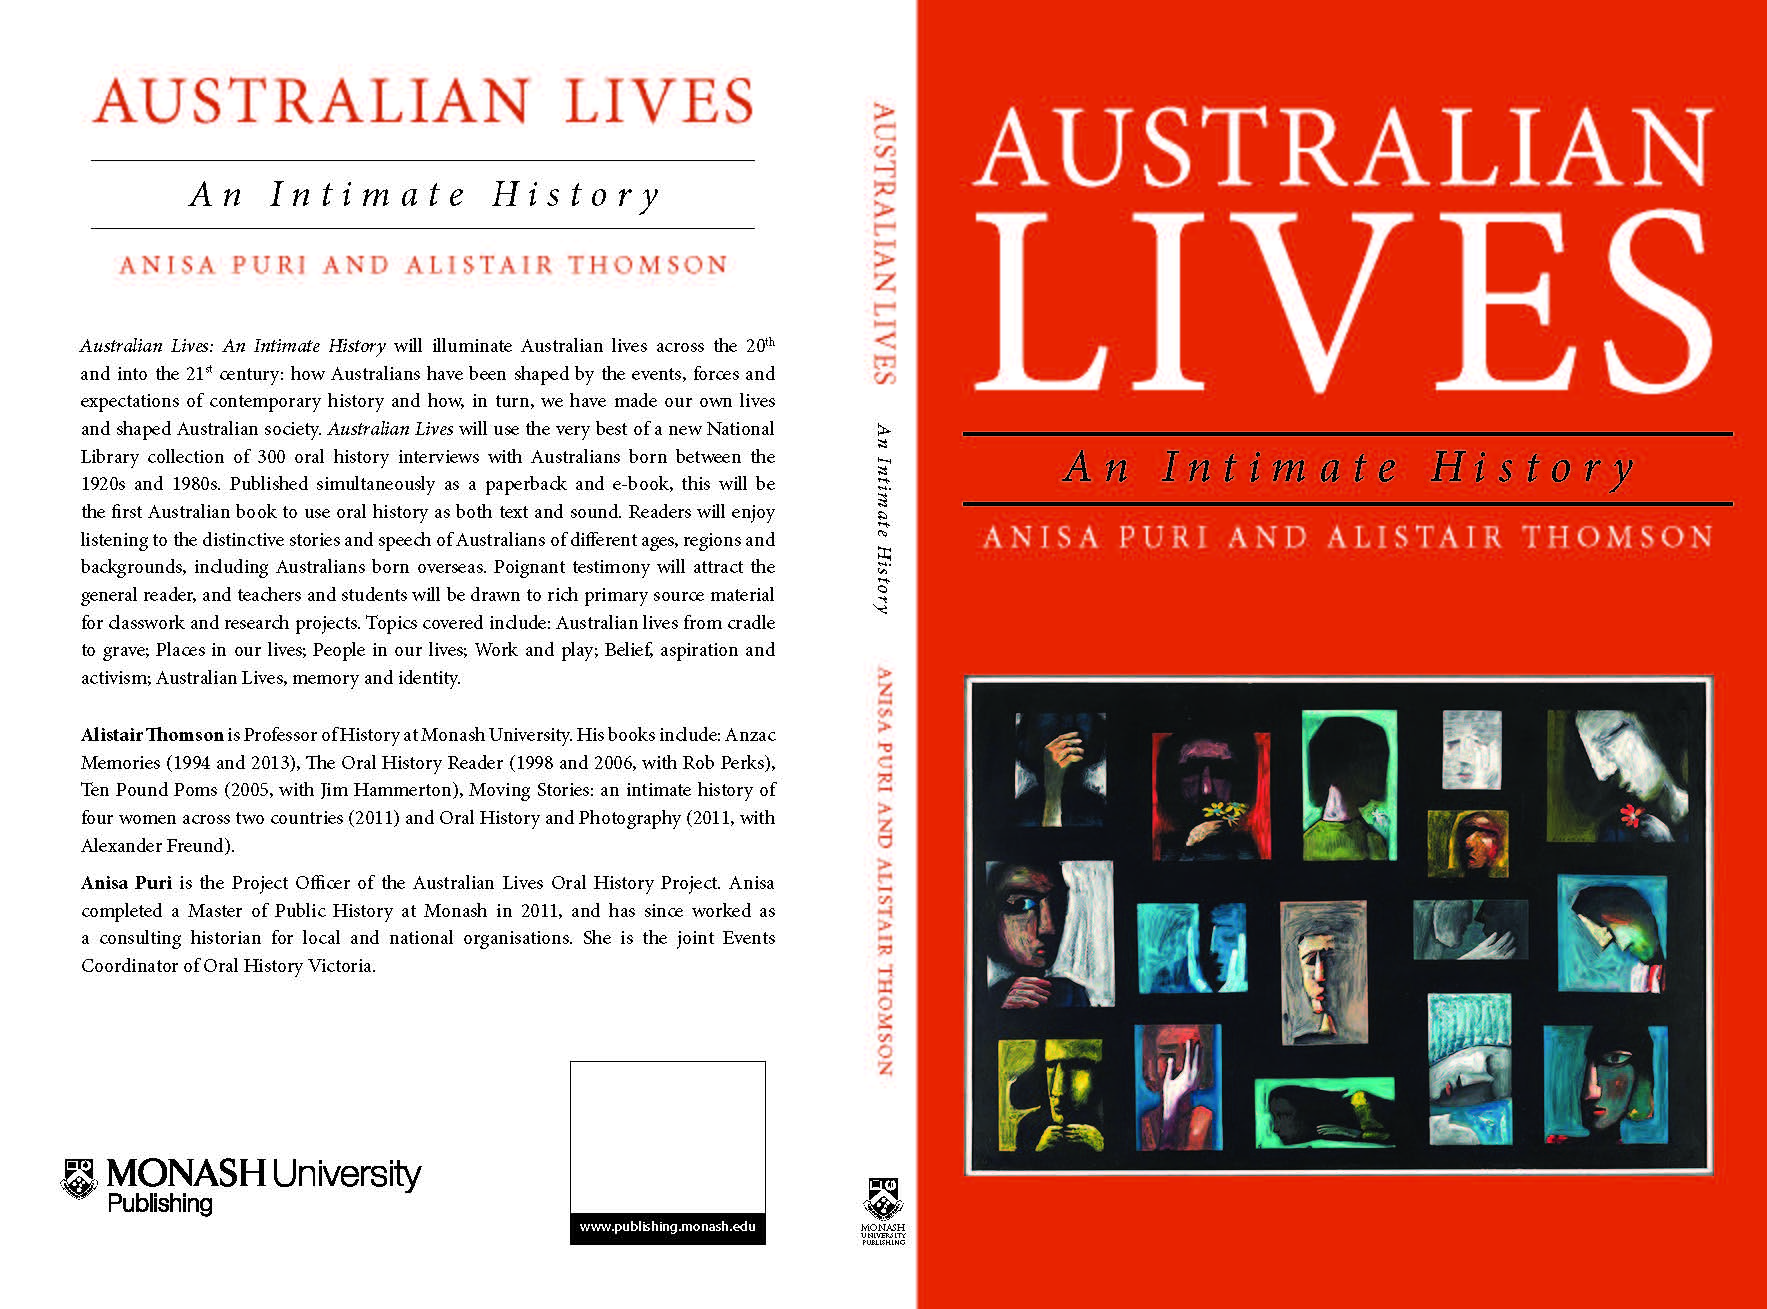 Cover design for Australian Lives